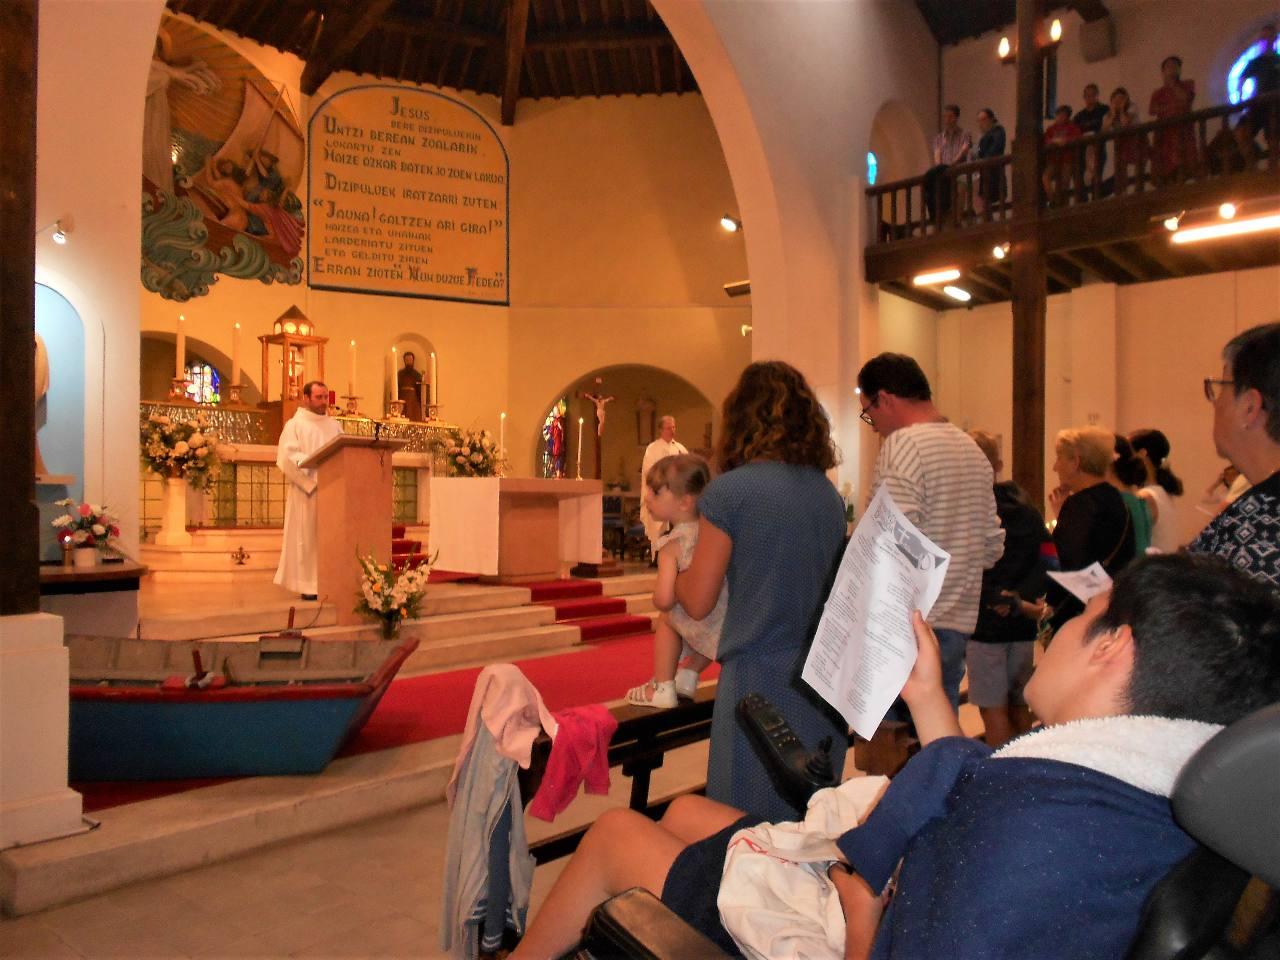 Le credo chanté à deux voix, l'abbé Jean-Marc et Iban séminariste dont c'était la dernière messe de son année dans notre paroisse